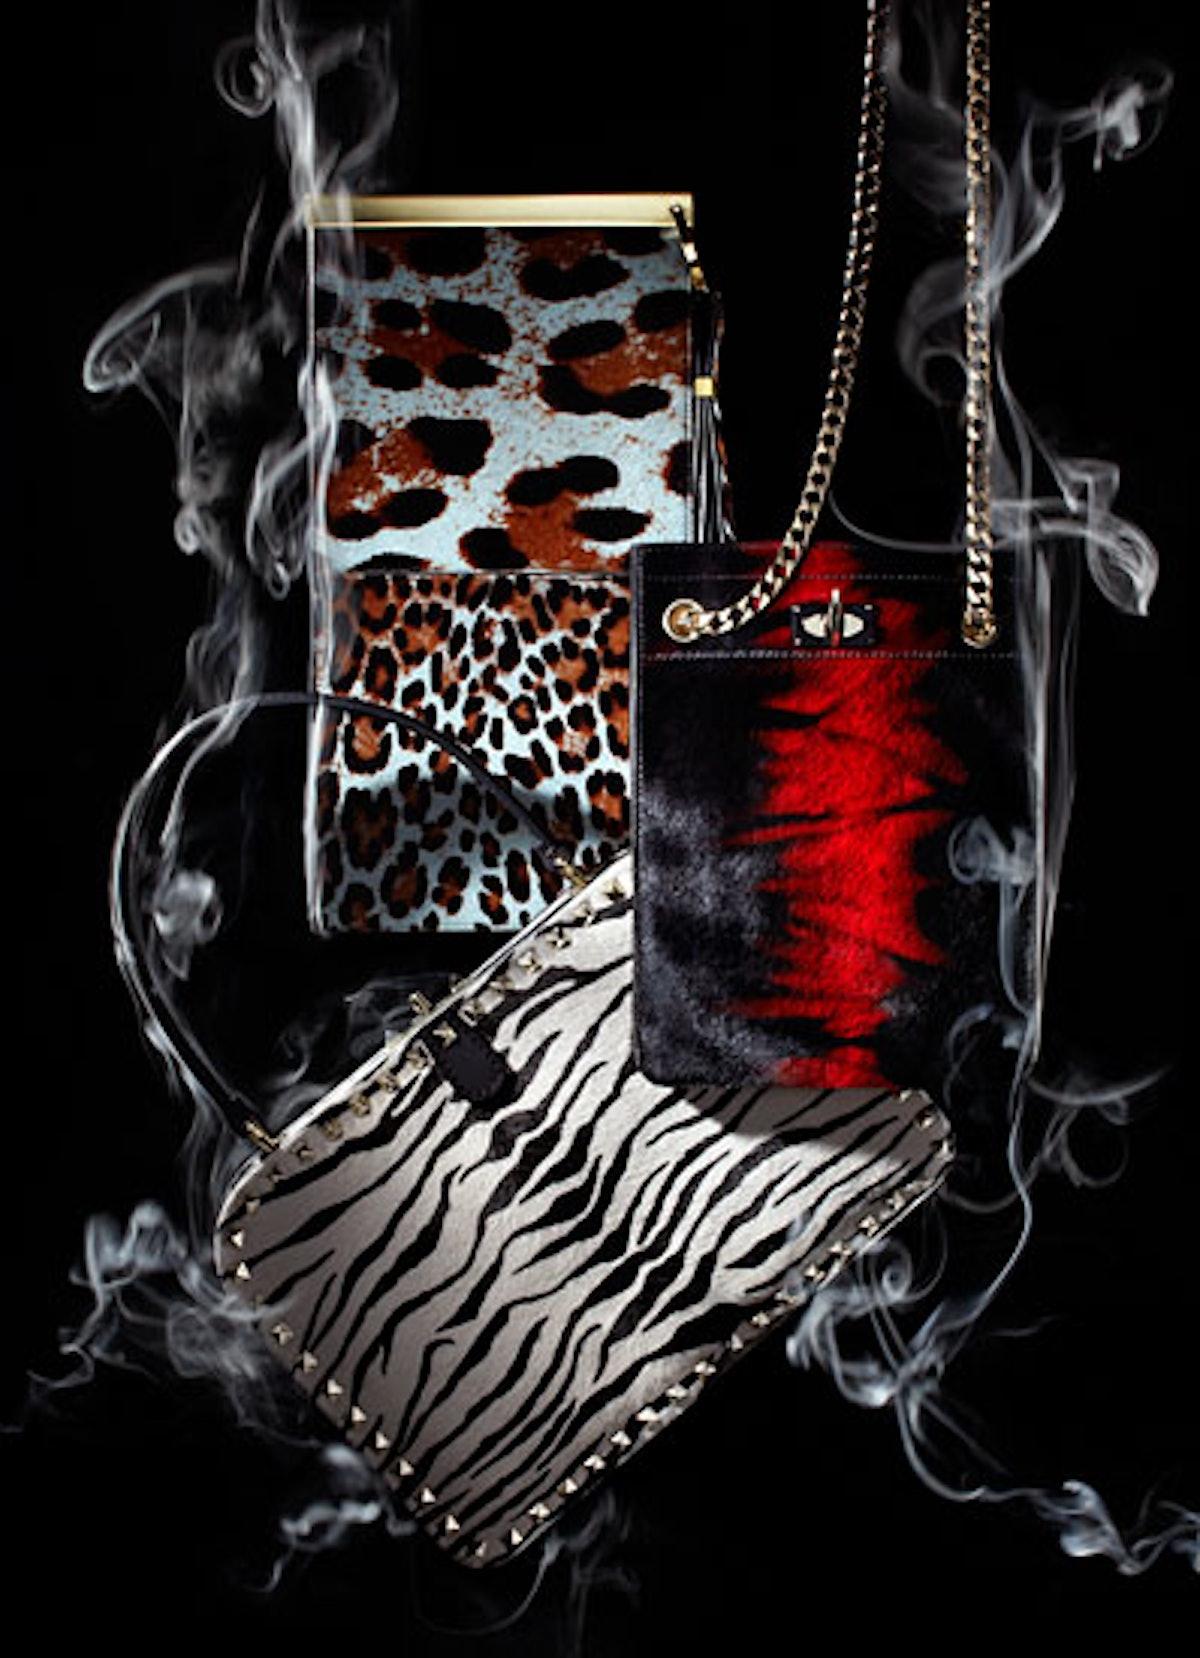 acss-animal-print-bags-01-v.jpg